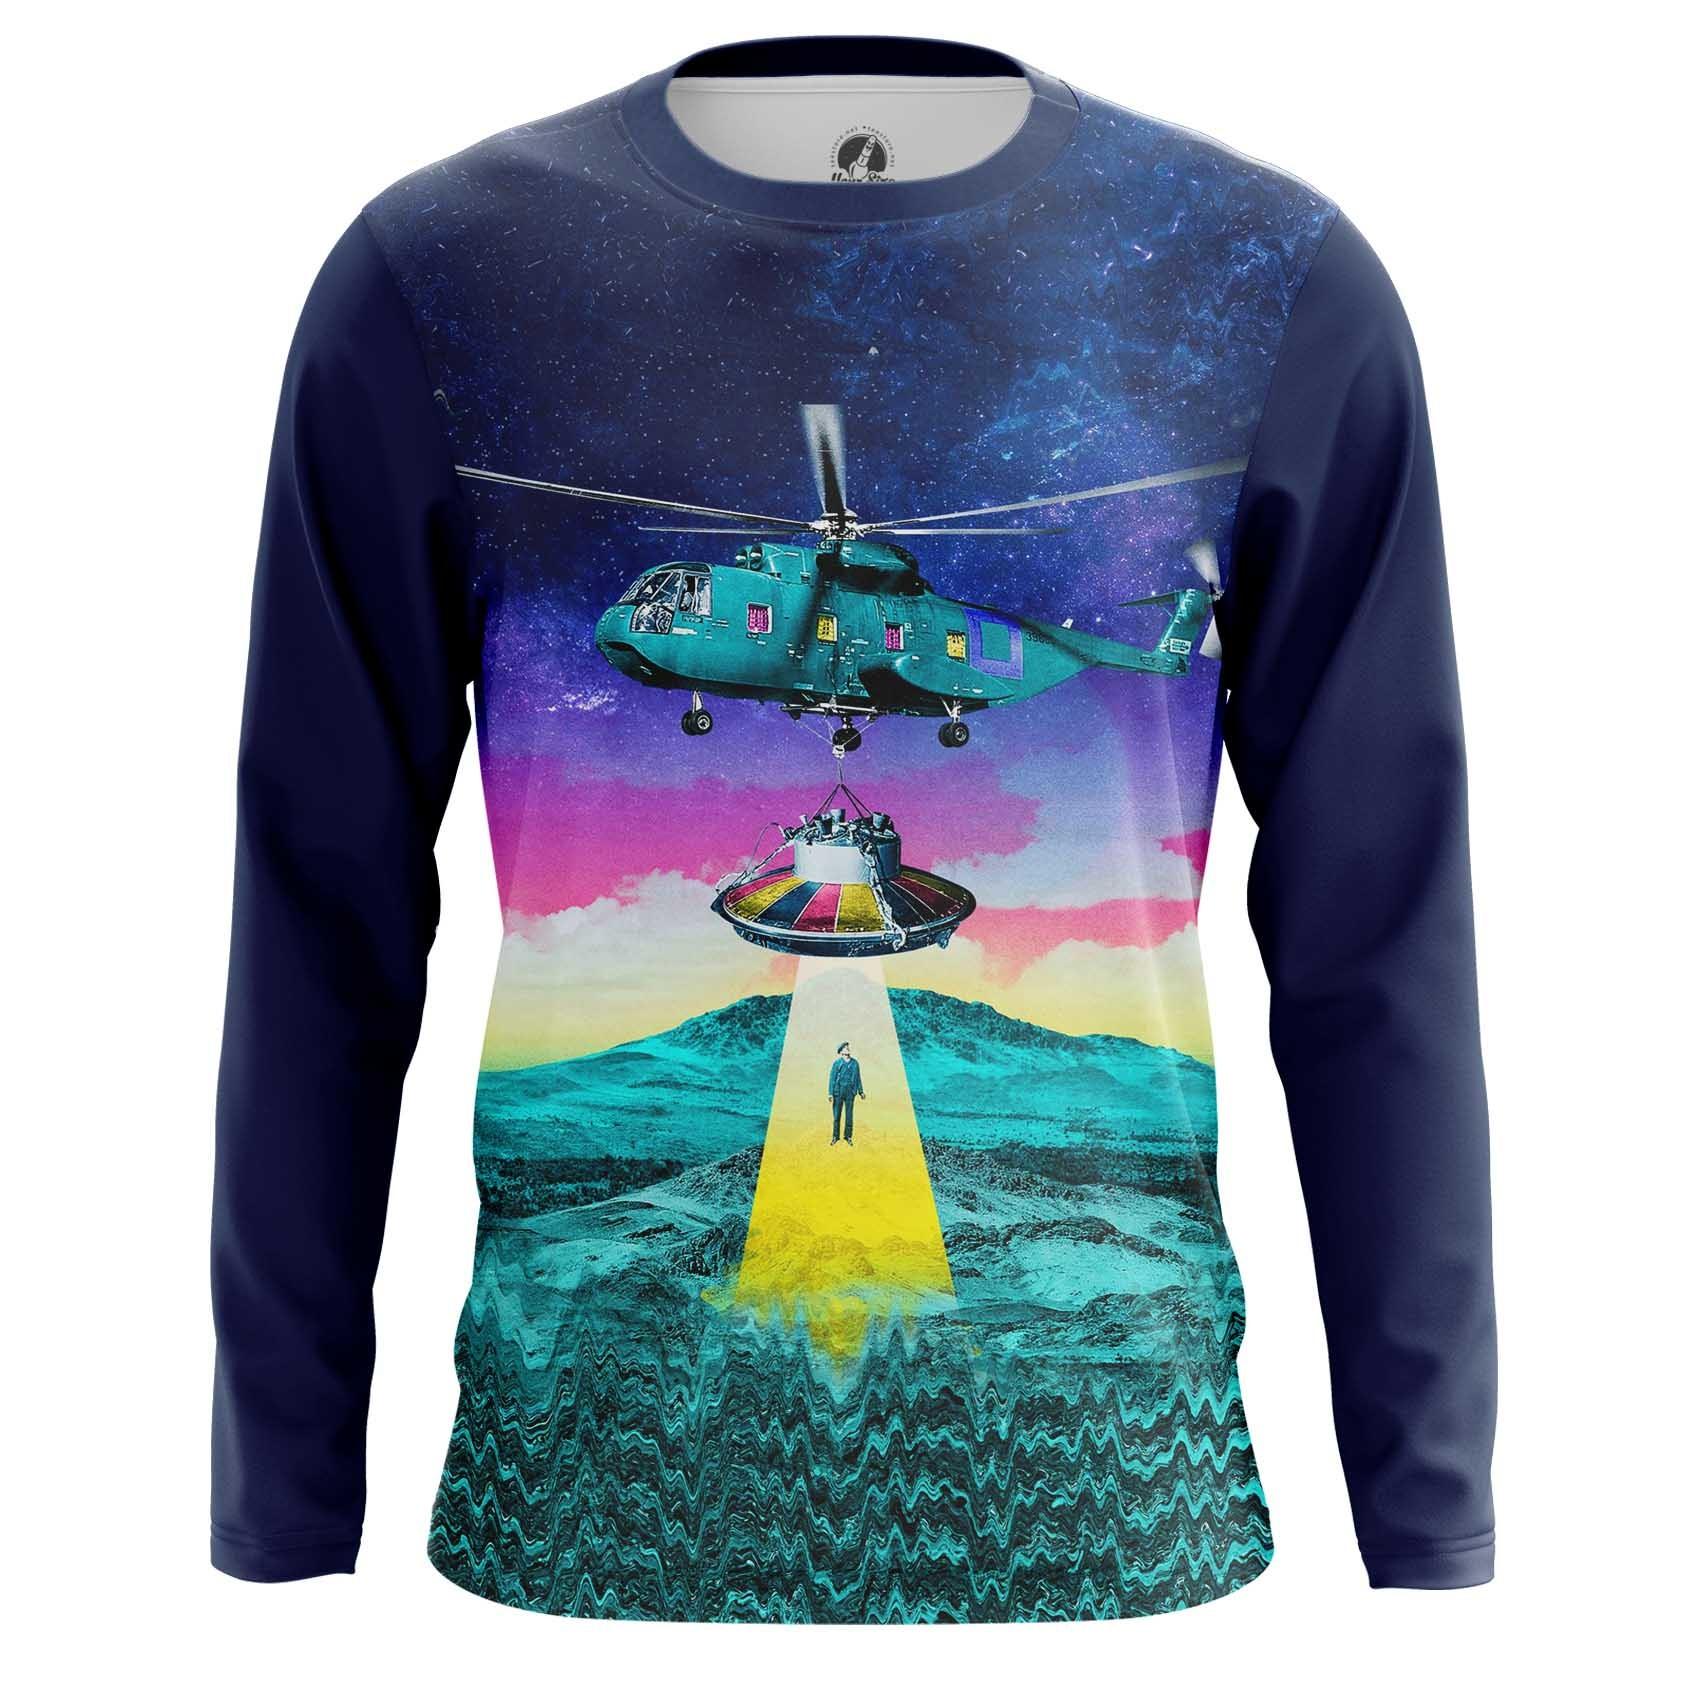 Merchandise Men'S T-Shirt Dream Art Picture Surrealism Art